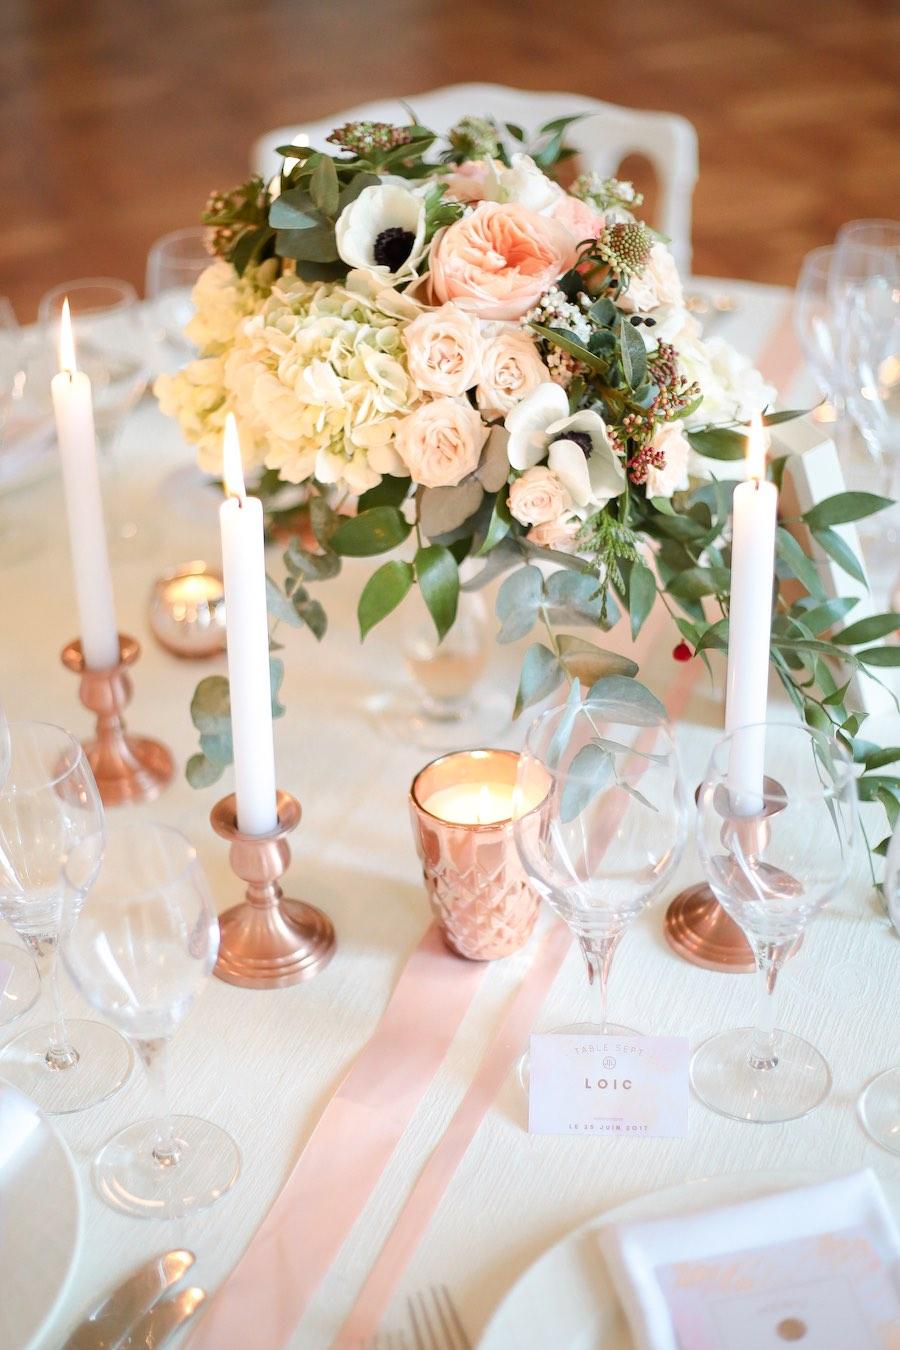 Mariage-rose-gold-décoration-de-table-3